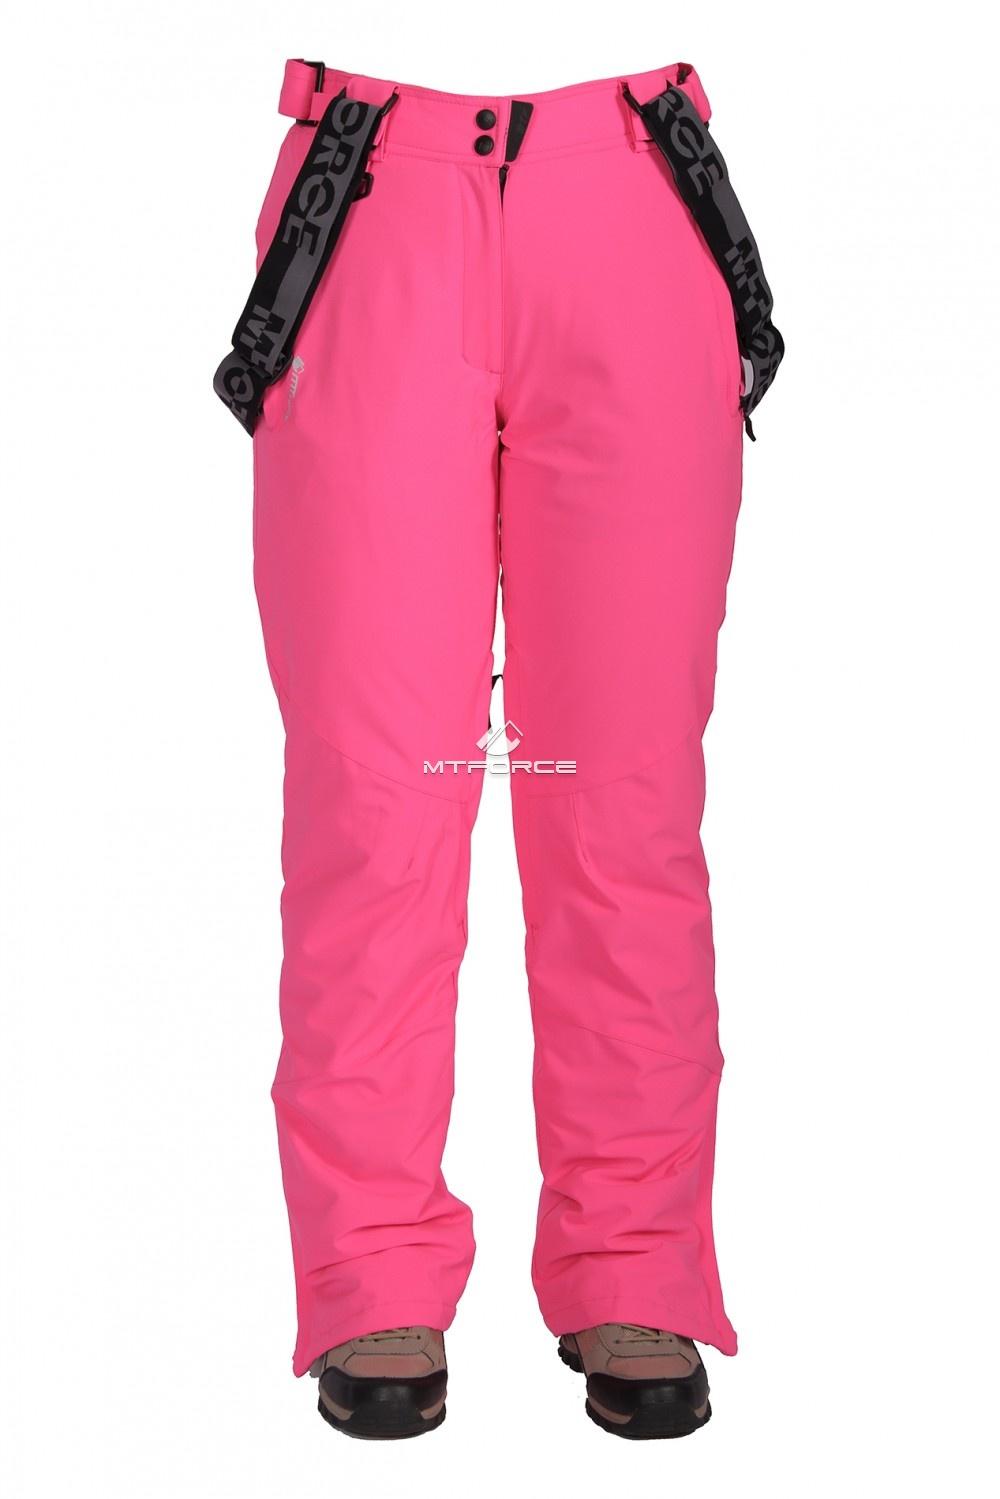 Купить                                  оптом Брюки горнолыжные женские розового цвета 403-1R в Новосибирске